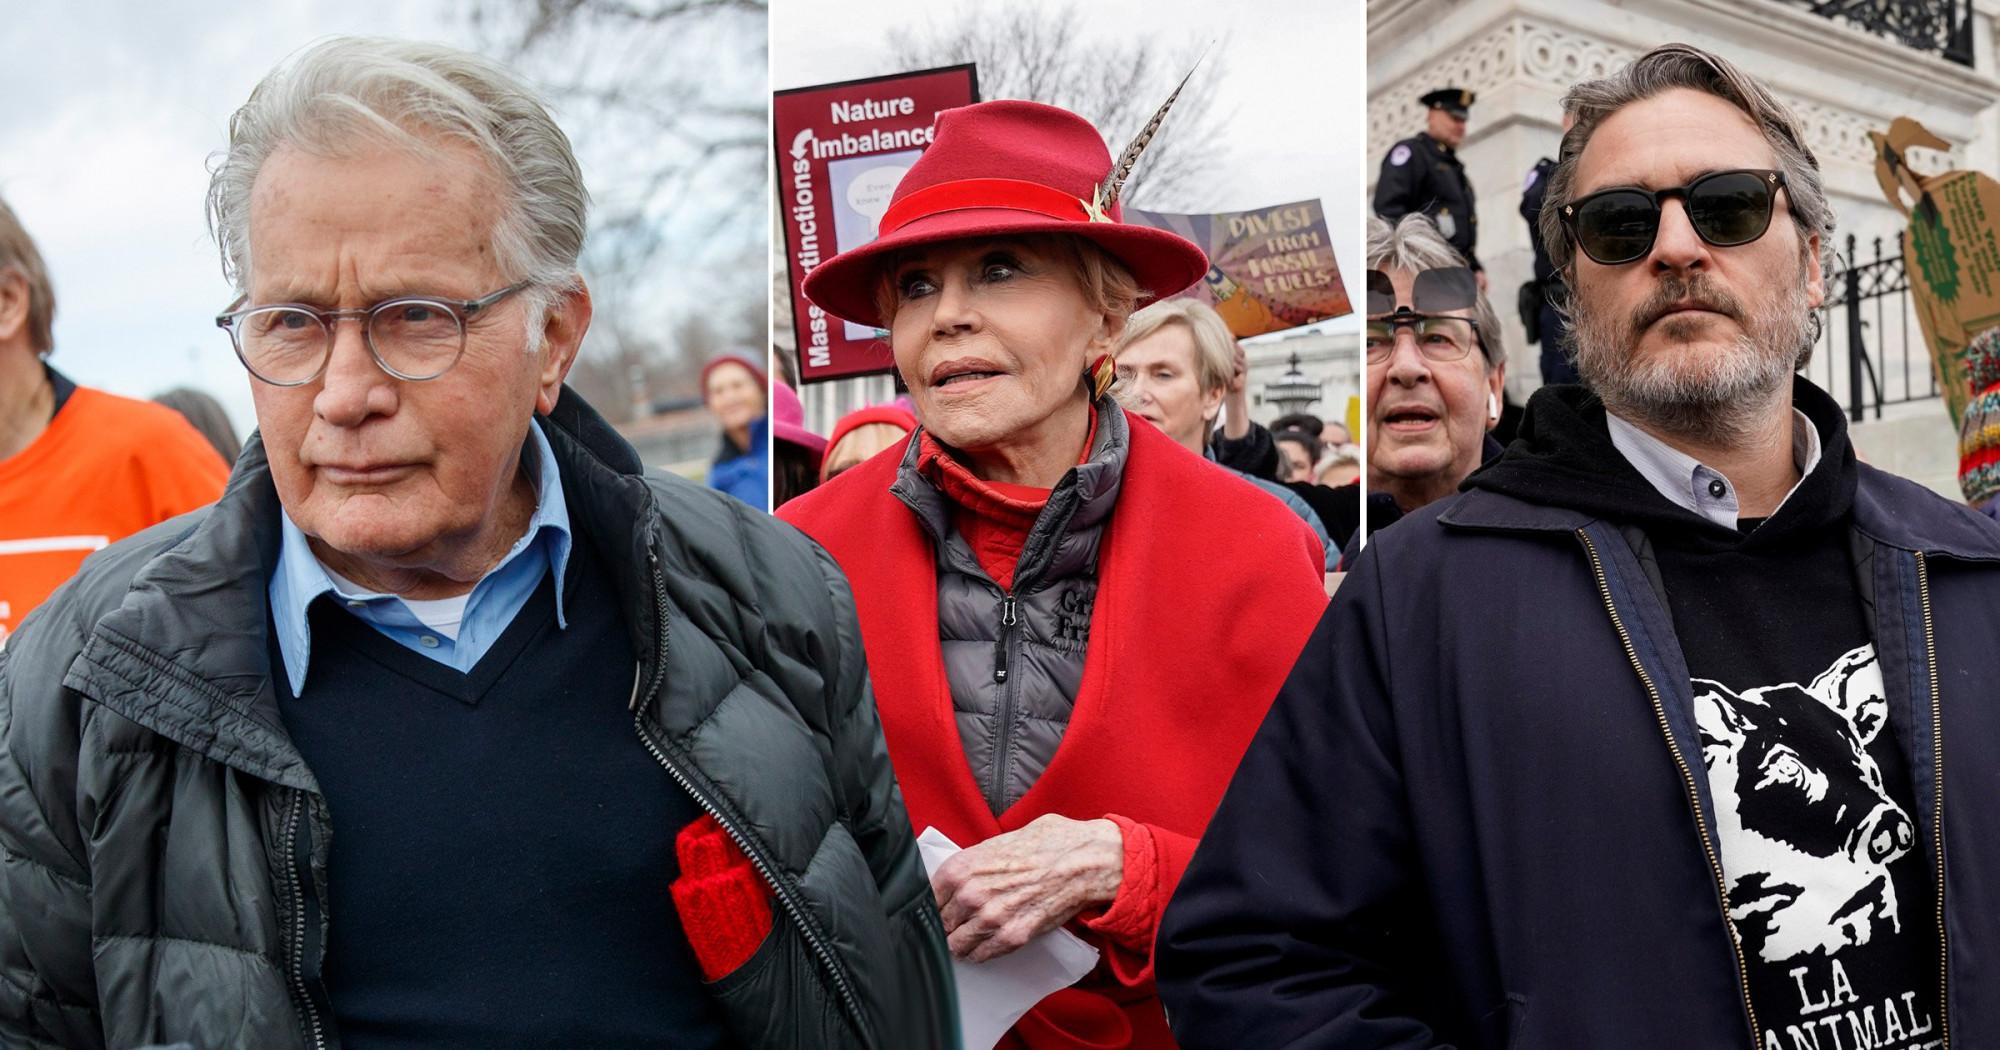 Nhiều người nổi tiếng tham gia cuộc biểu tình do nữ diễn viên Jane Fonda khởi xướng